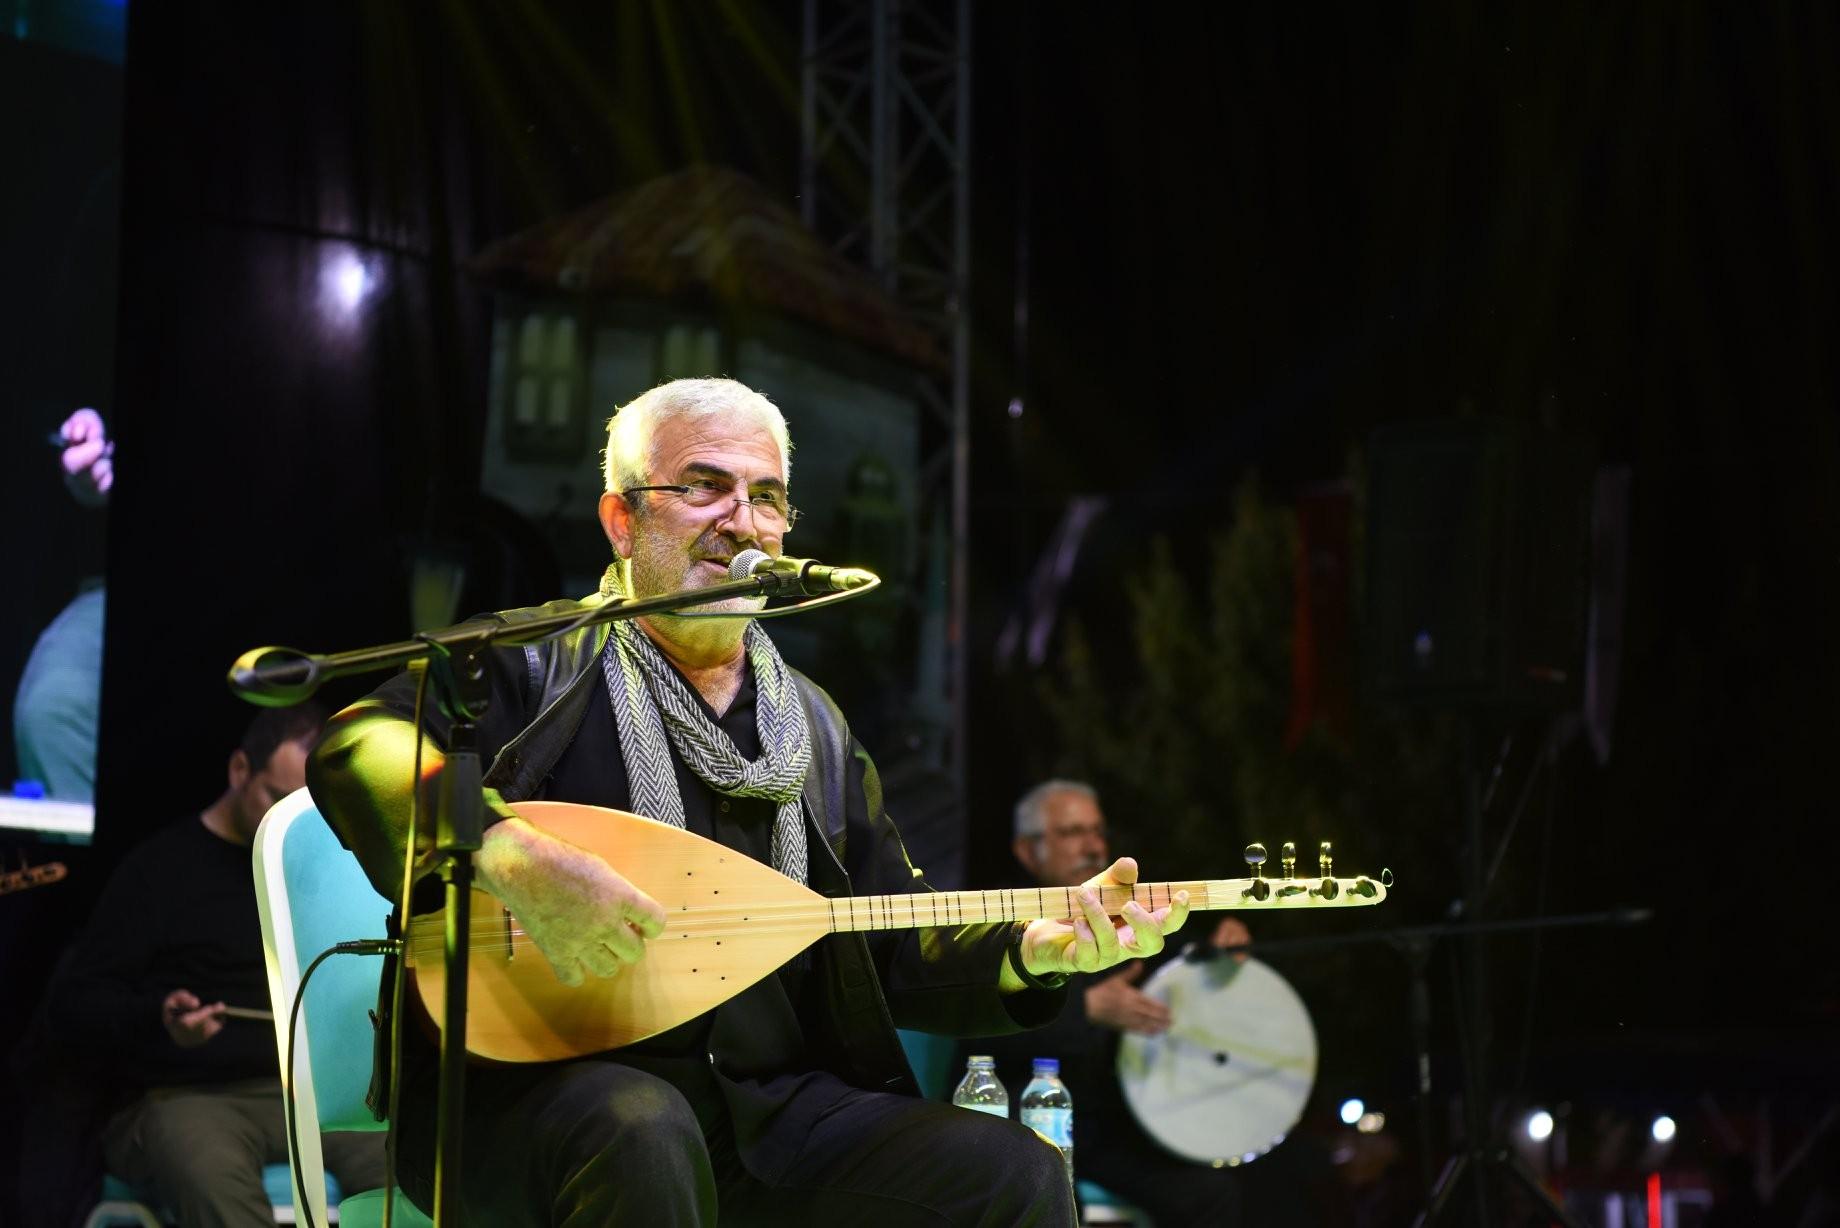 Çan Belediyesi'nden 19 Mayıs'a özel Esat Kabaklı konseri